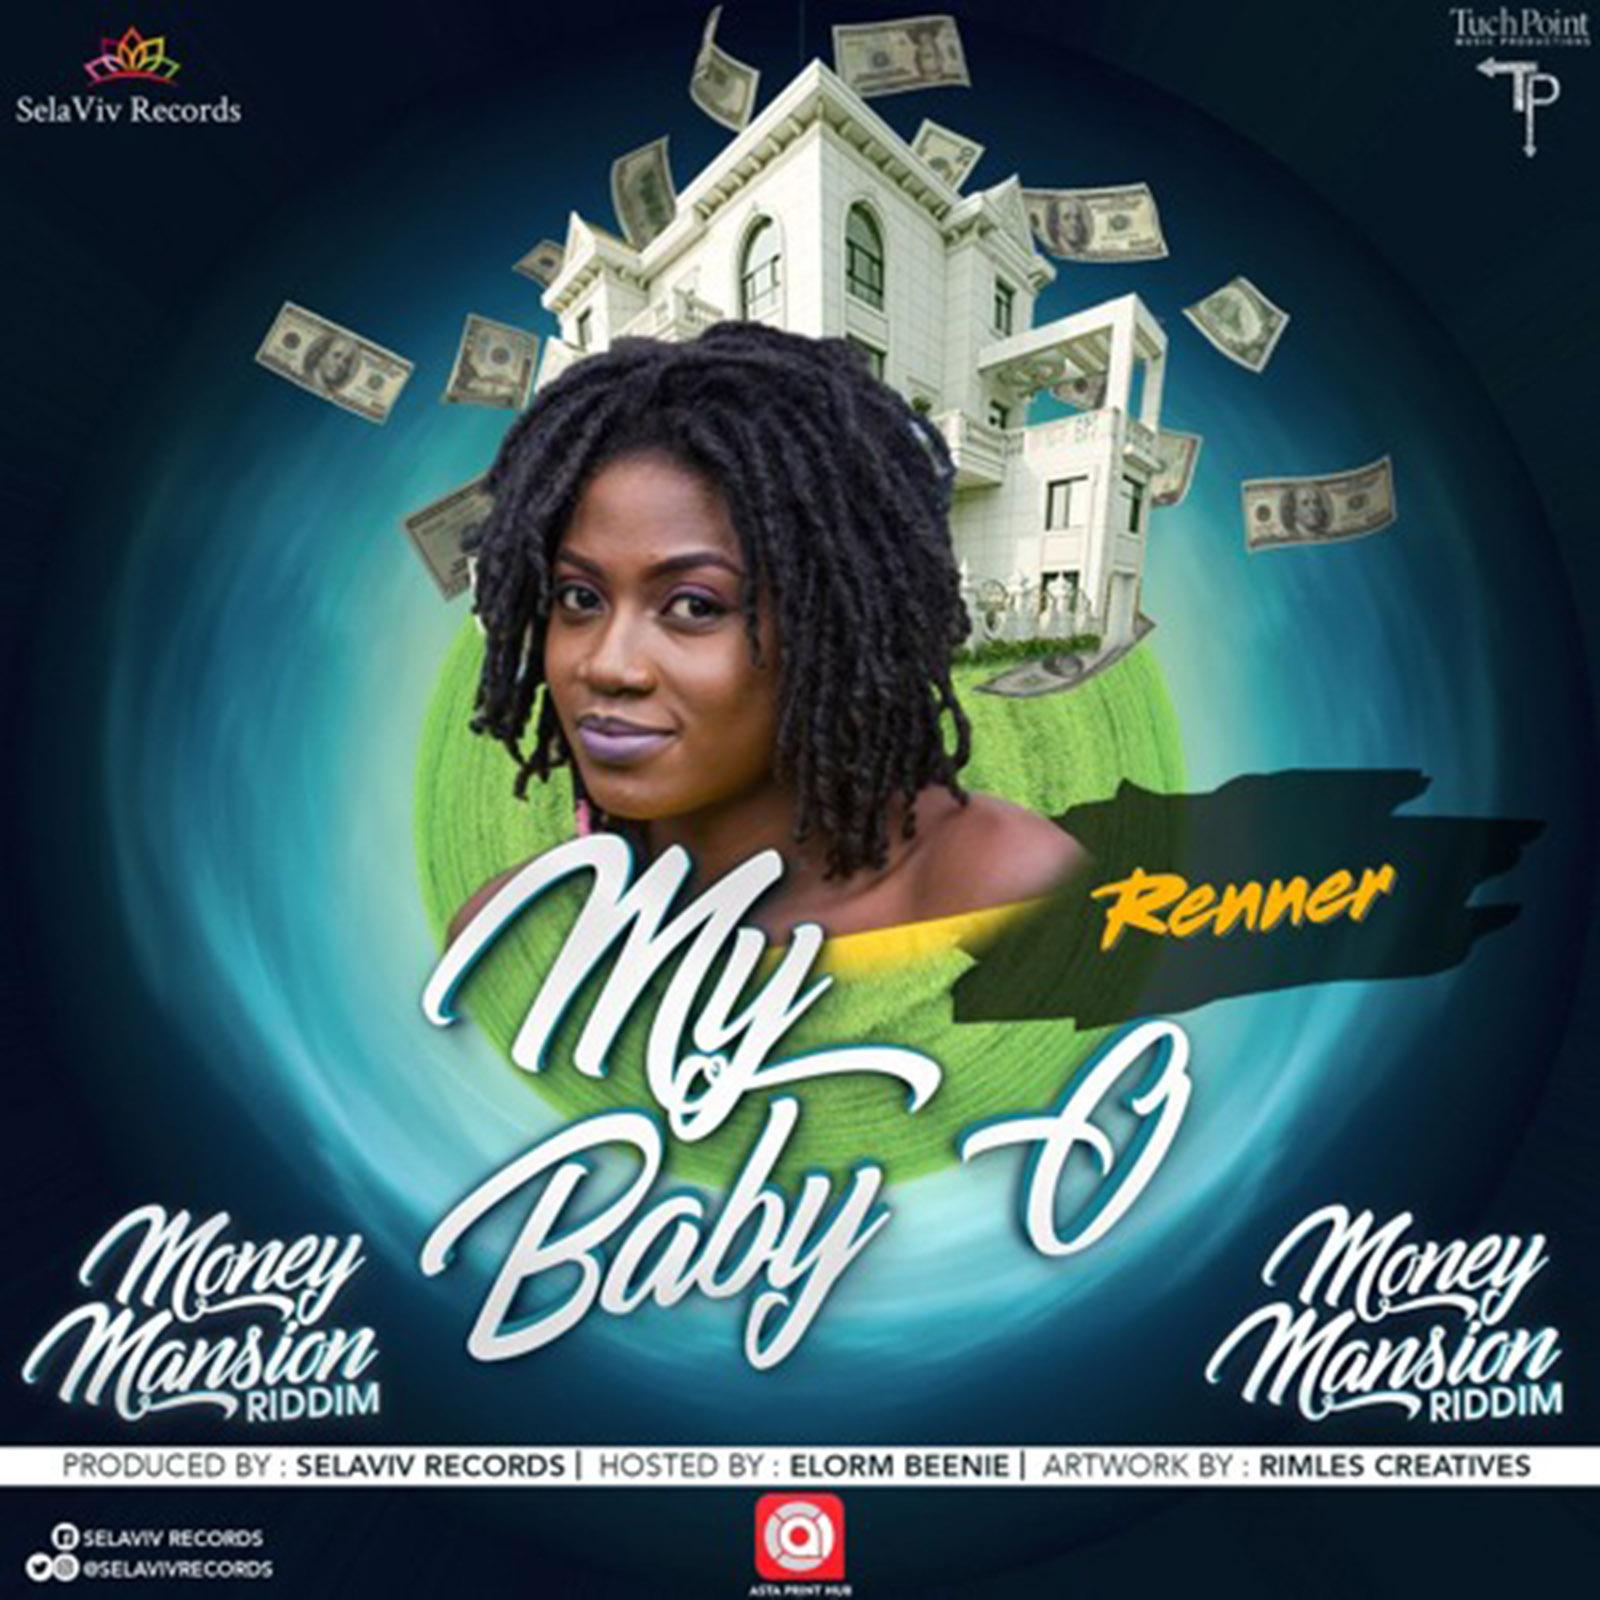 My Baby O(Money Mansion Riddim) by Renner